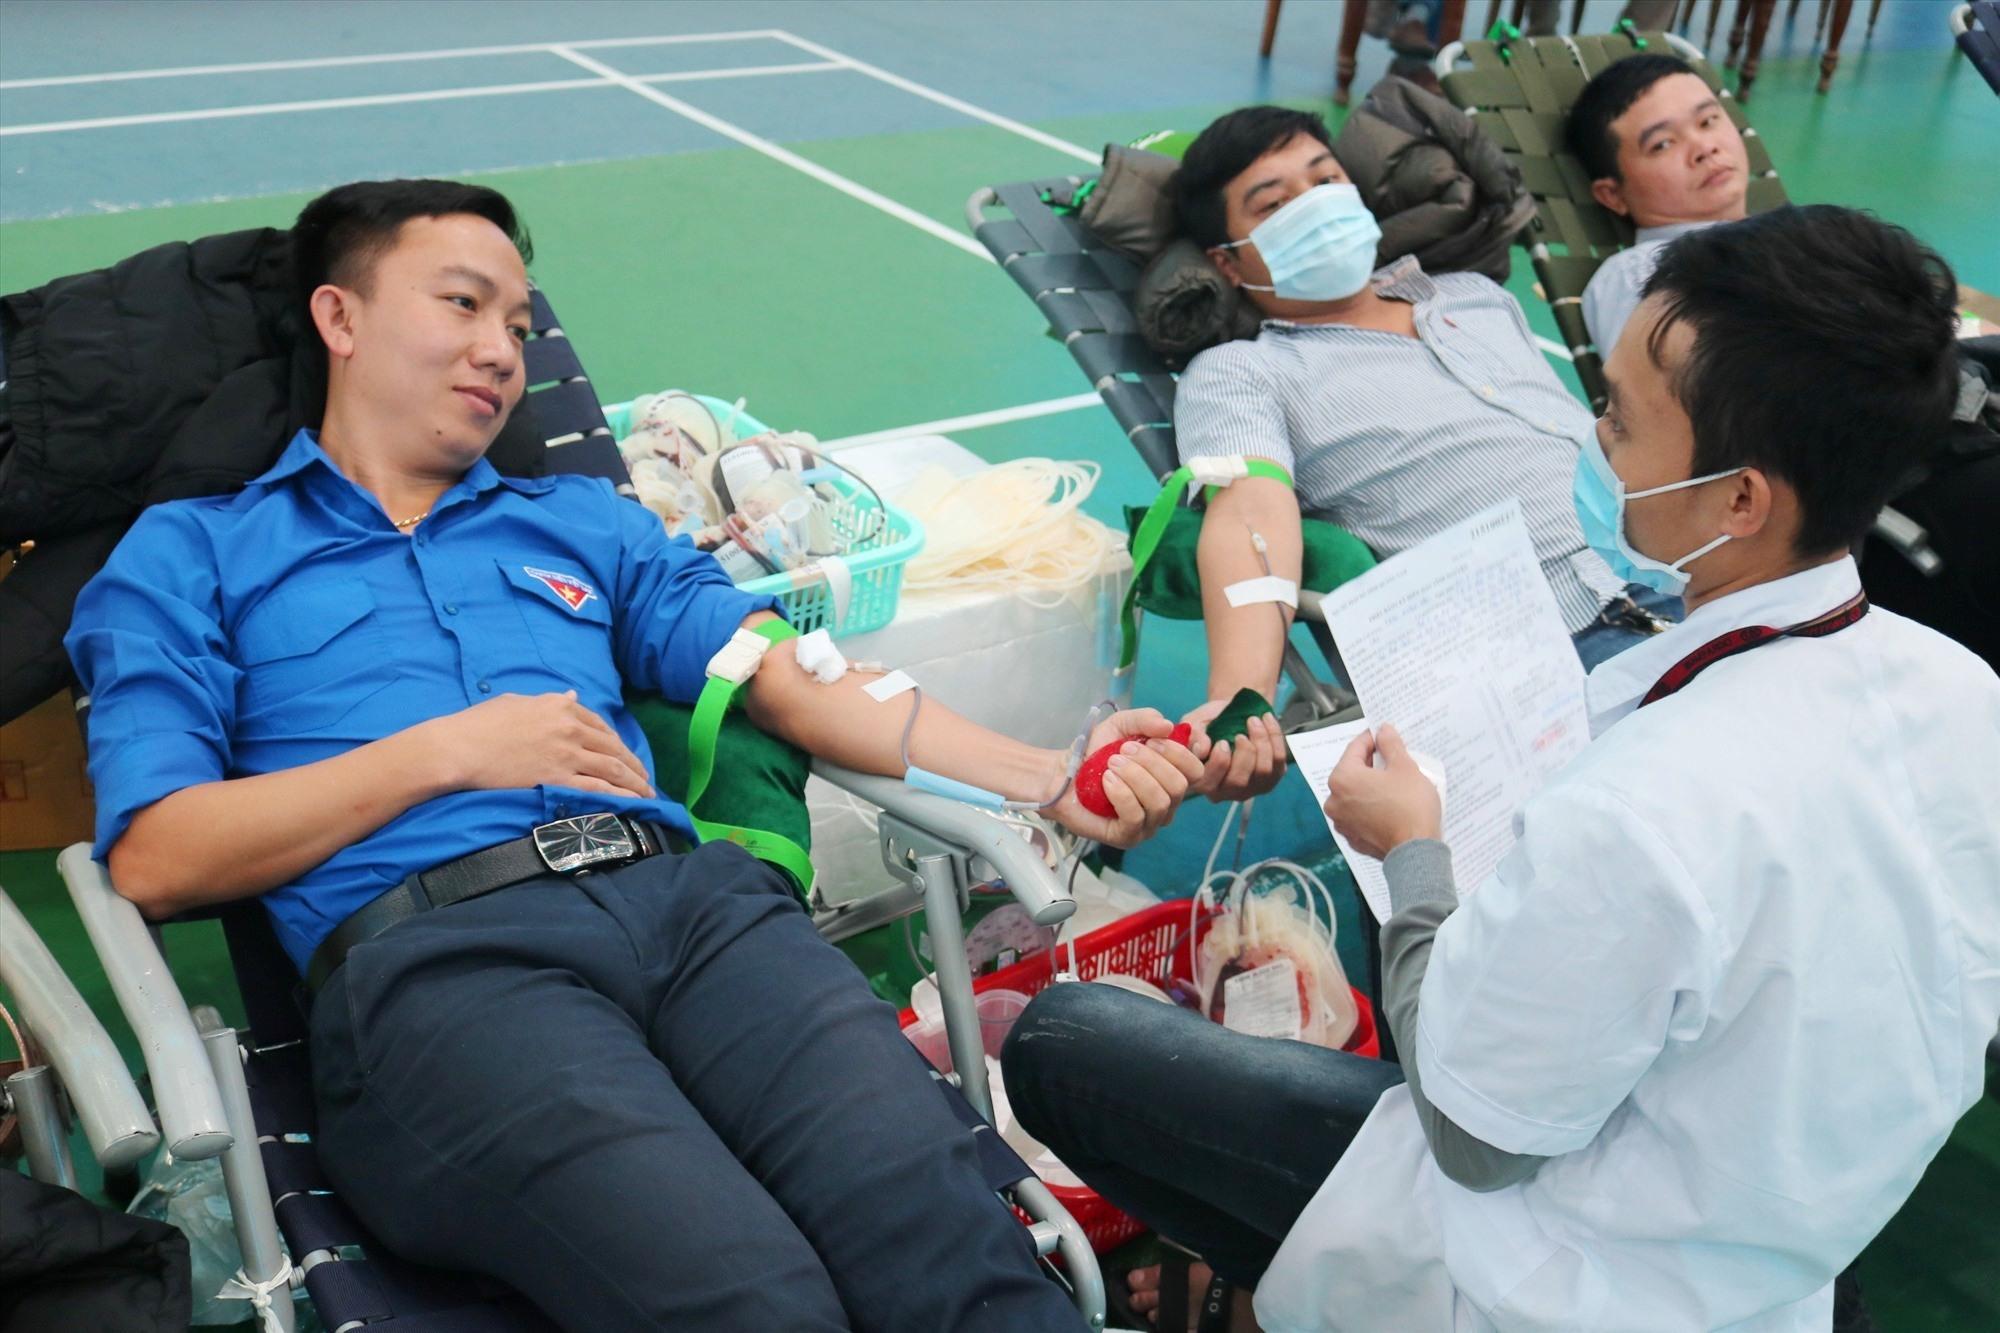 ĐVTN khối các cơ quan tham gia hiến máu tình nguyện. Ảnh: L.C